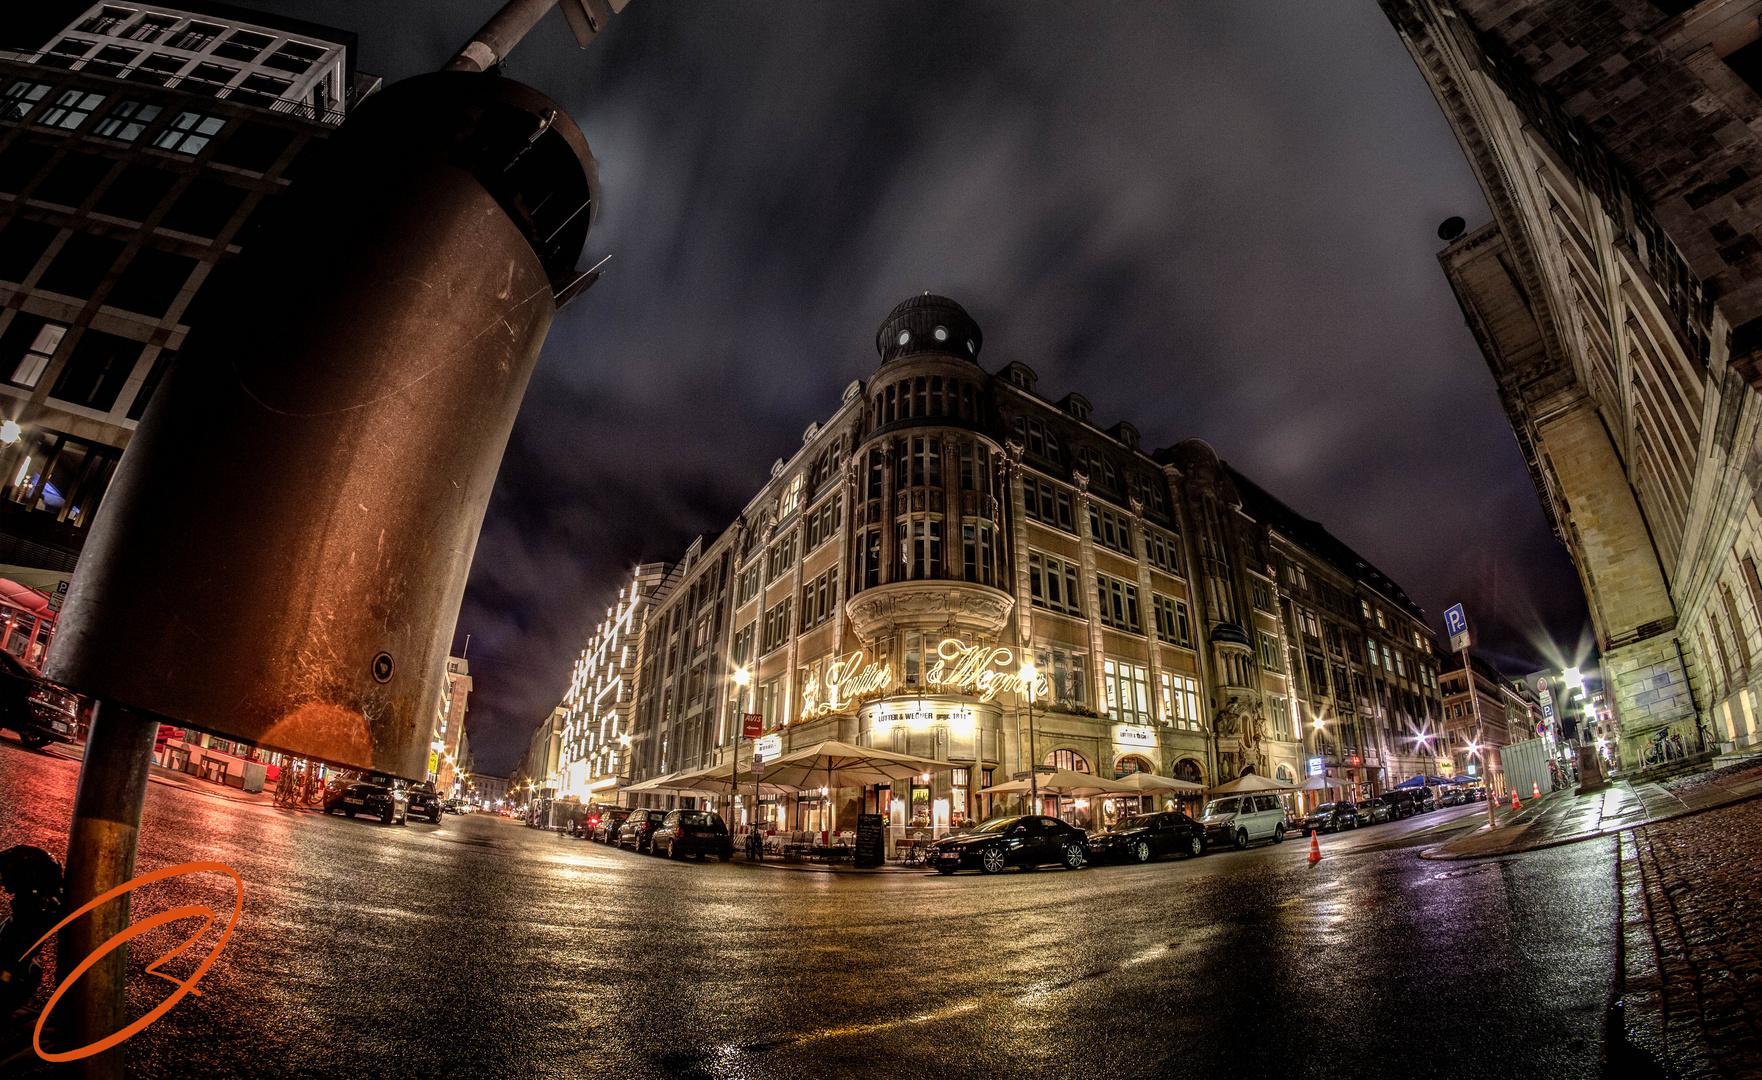 Berlin # festival of lights #